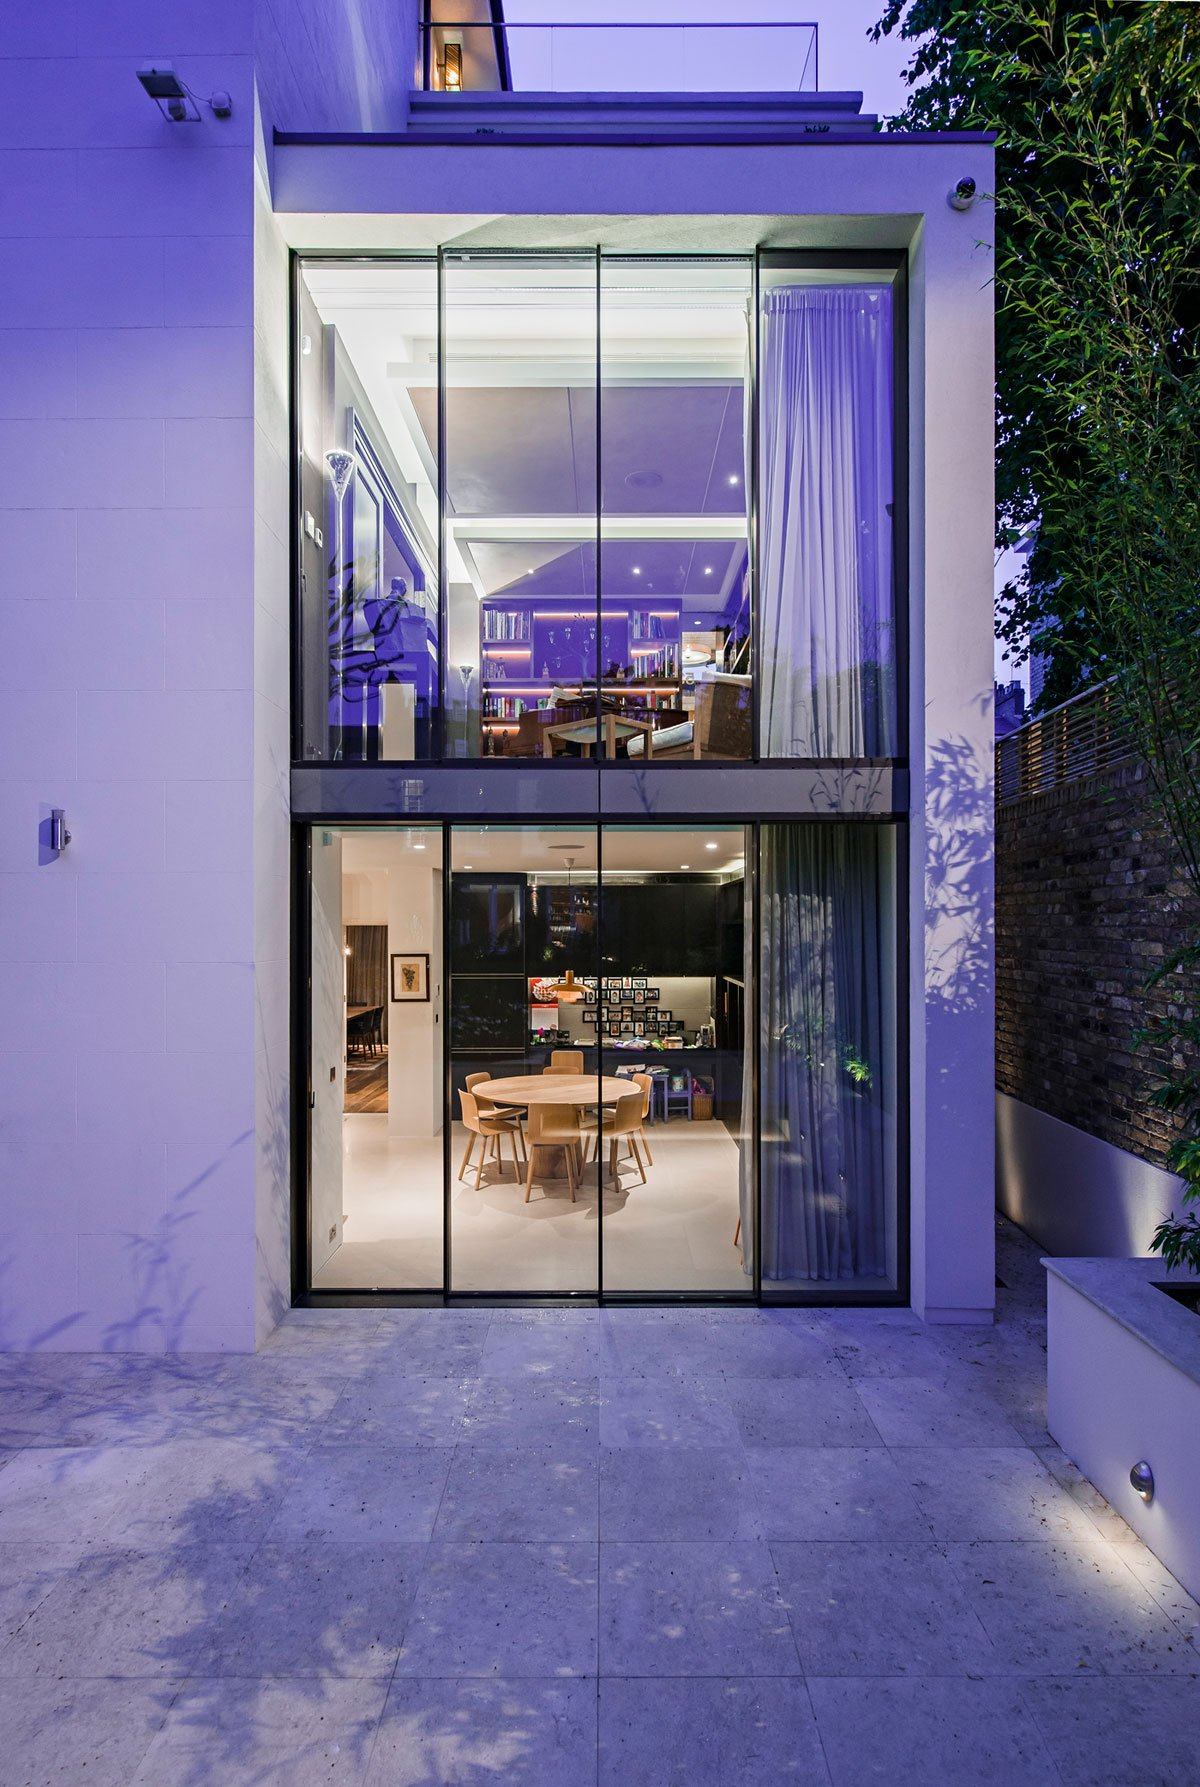 0 95b19 2cbba971 orig Частный дом от английских архитекторов Фото